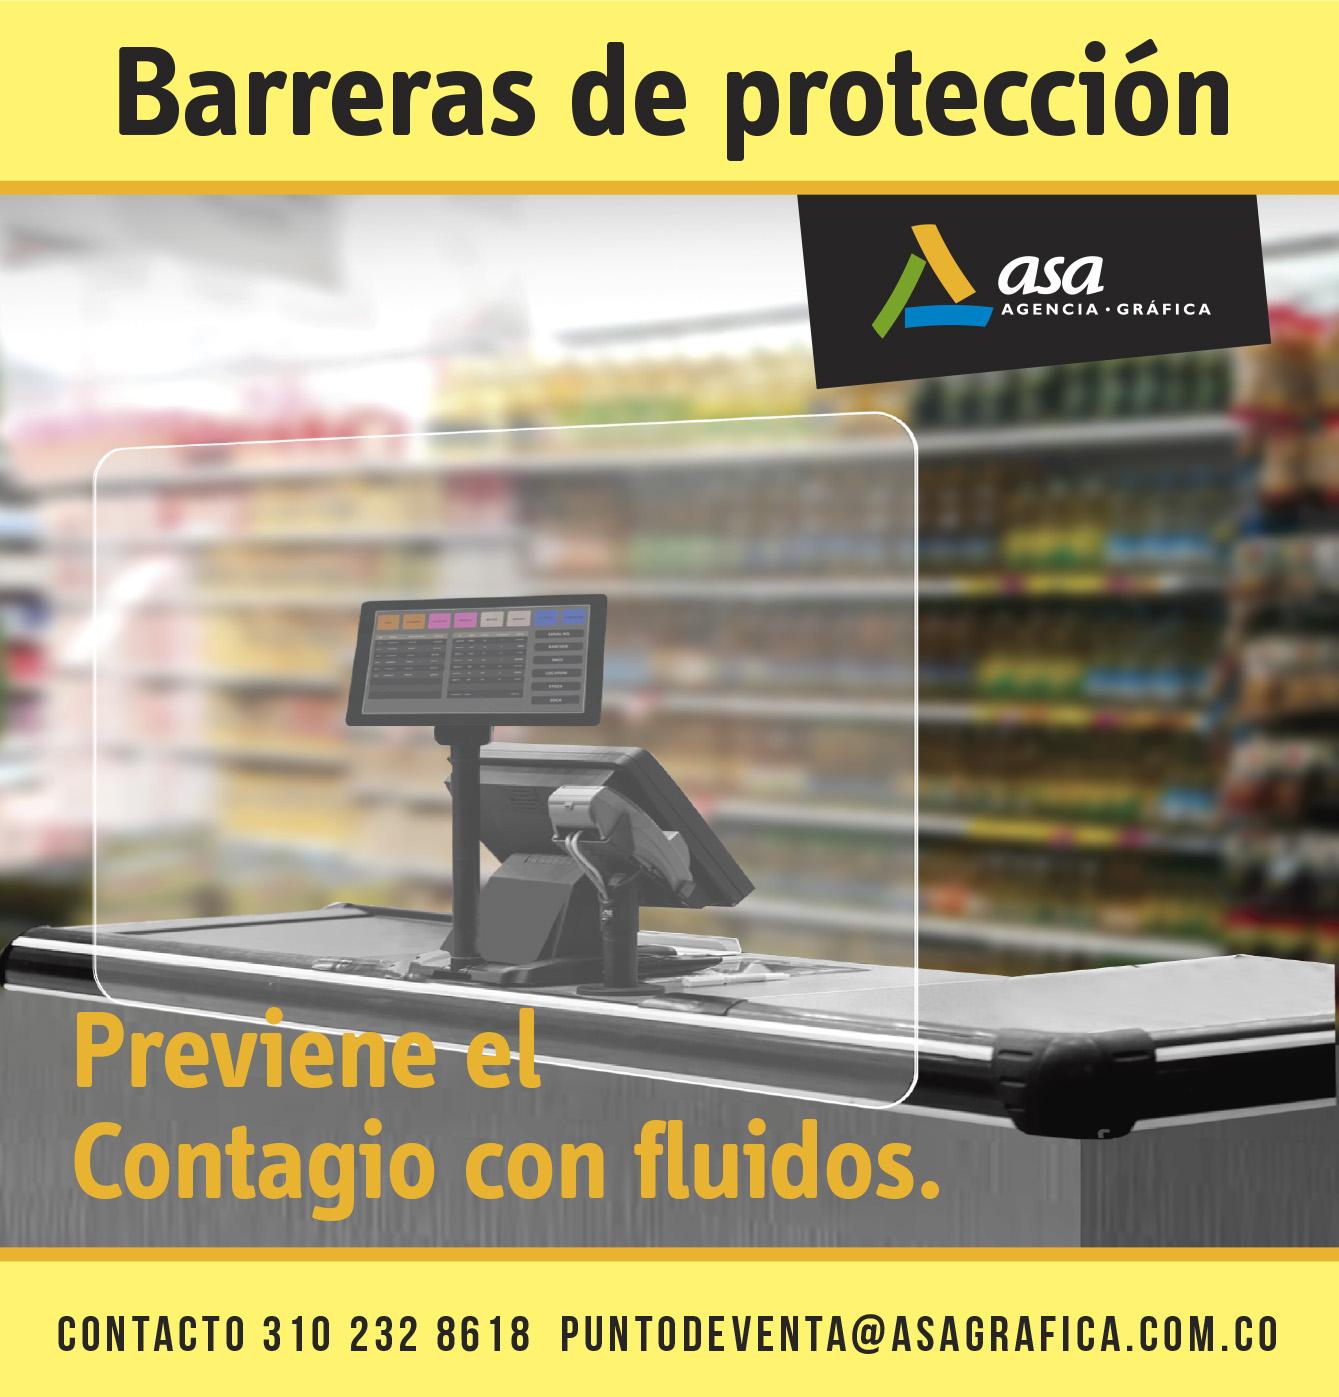 Barreras de protección